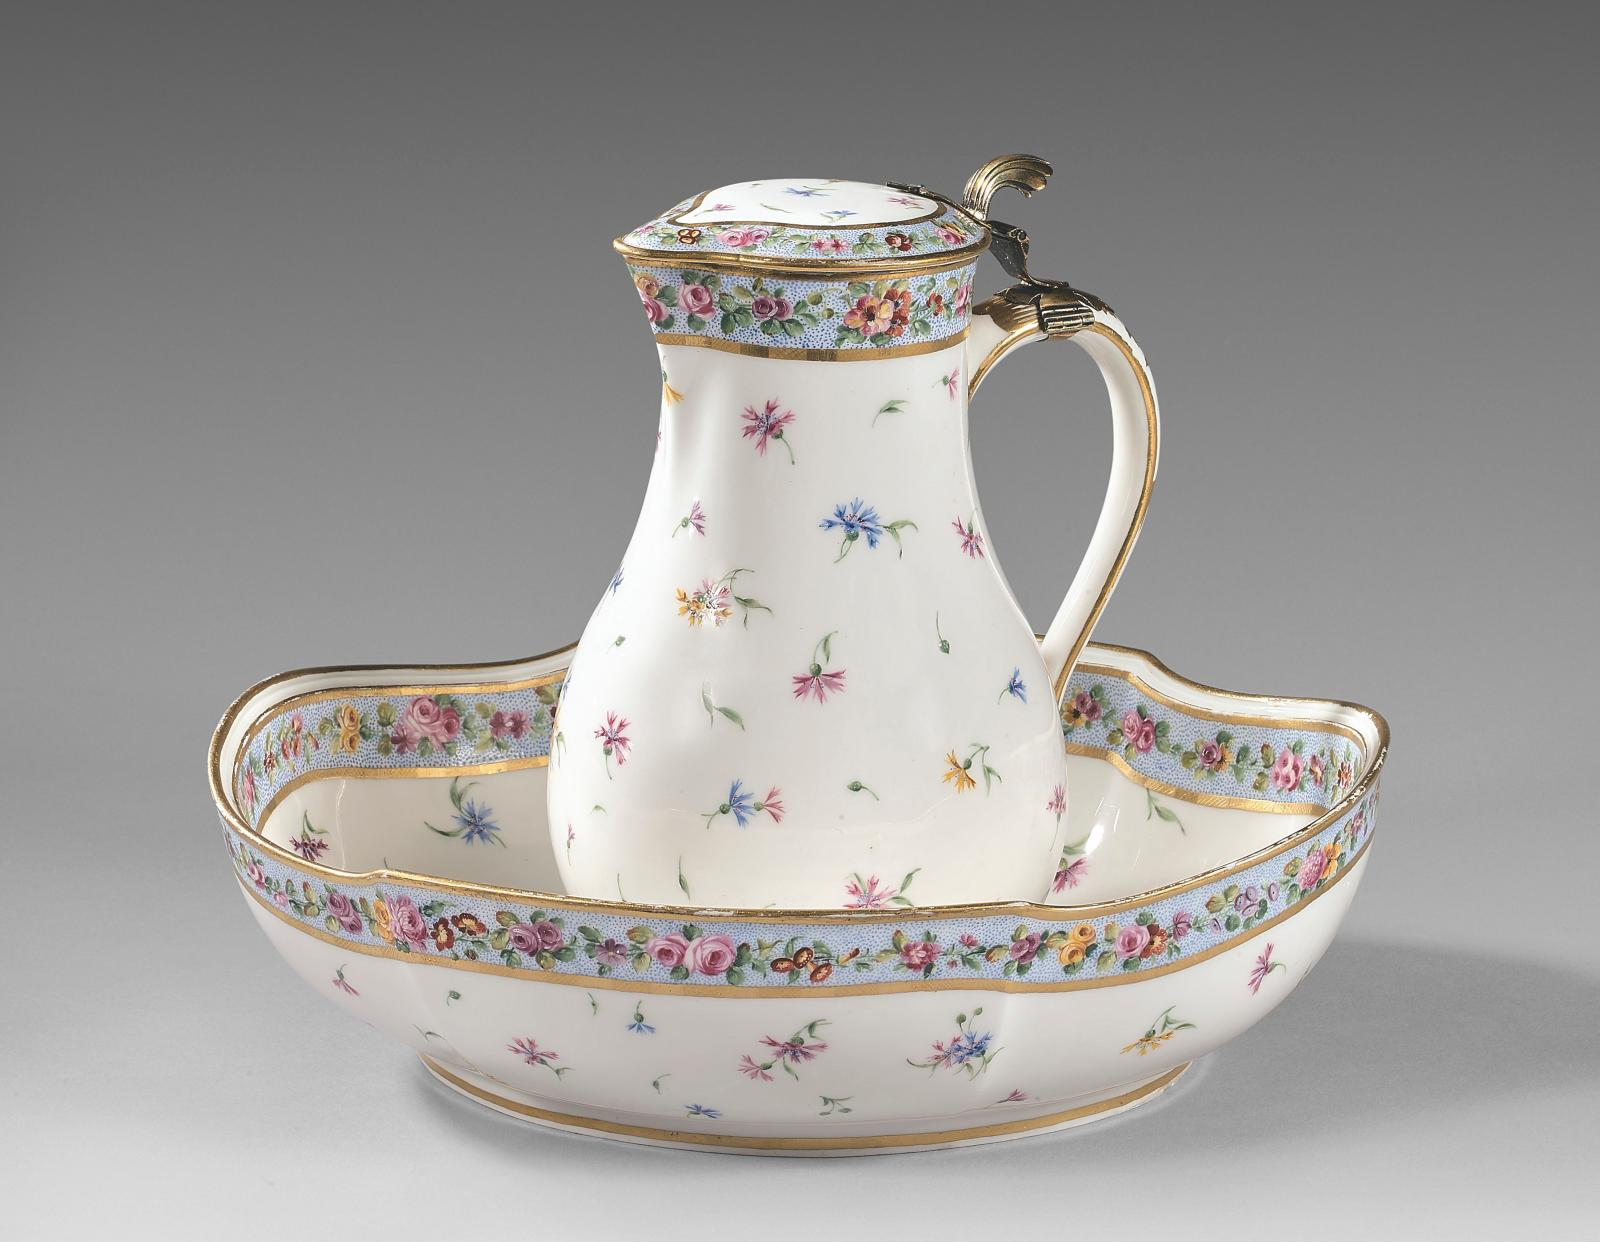 Pot à l'eau tourné, son couvercle (1regrandeur) et sa jatte ovale (2egrandeur) en porcelaine de Sèvres à monture en vermeil du XVIIIe siècle, peintr